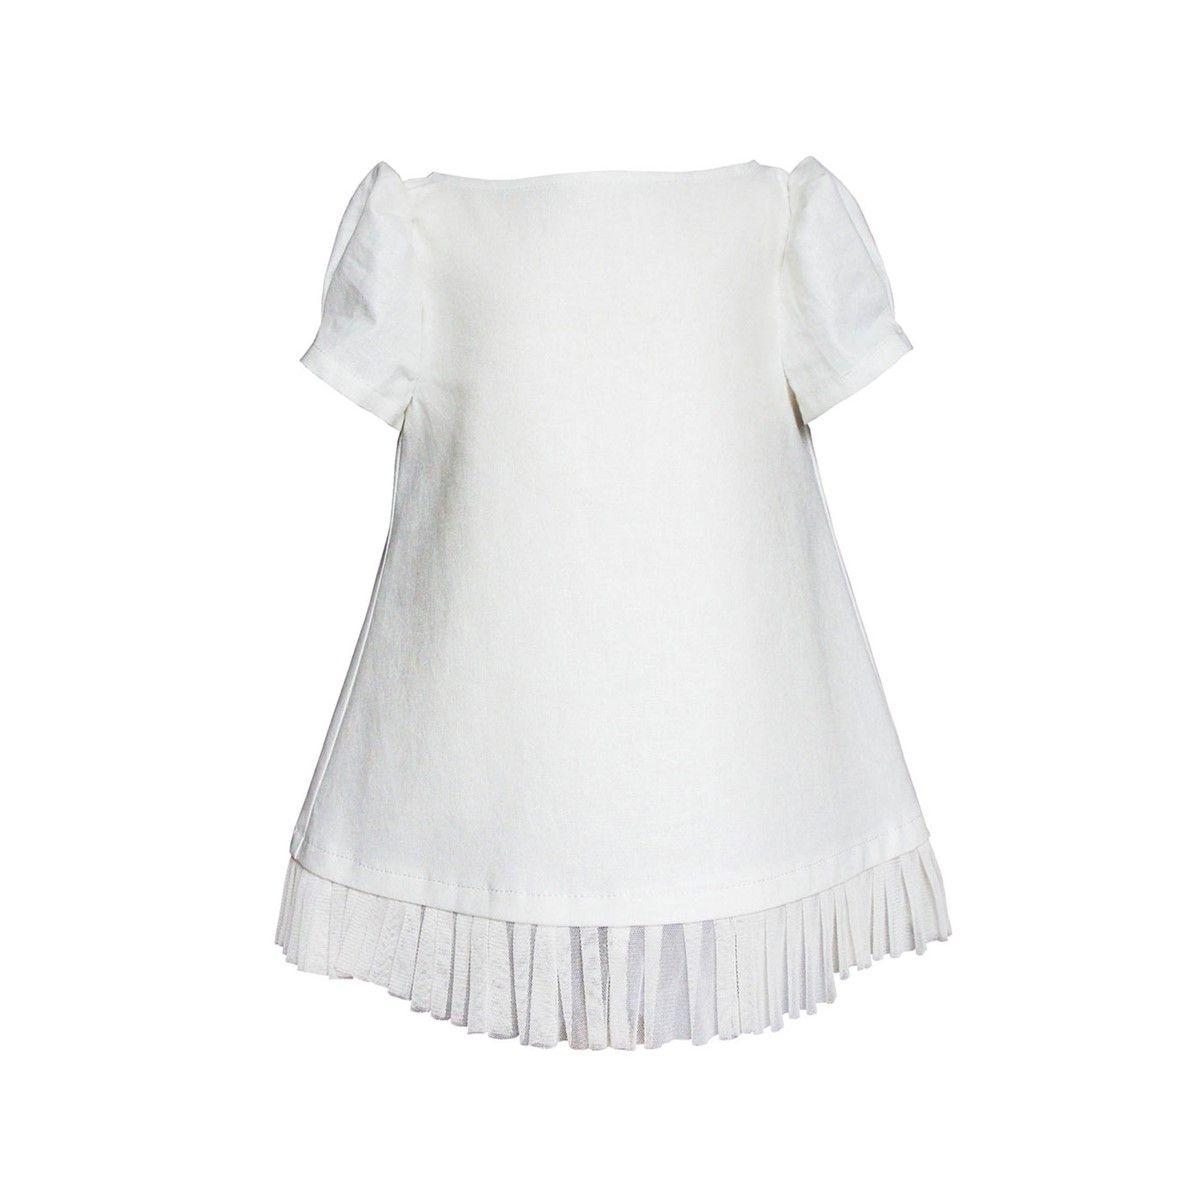 Robe cérémonie bébé lin coton made in france